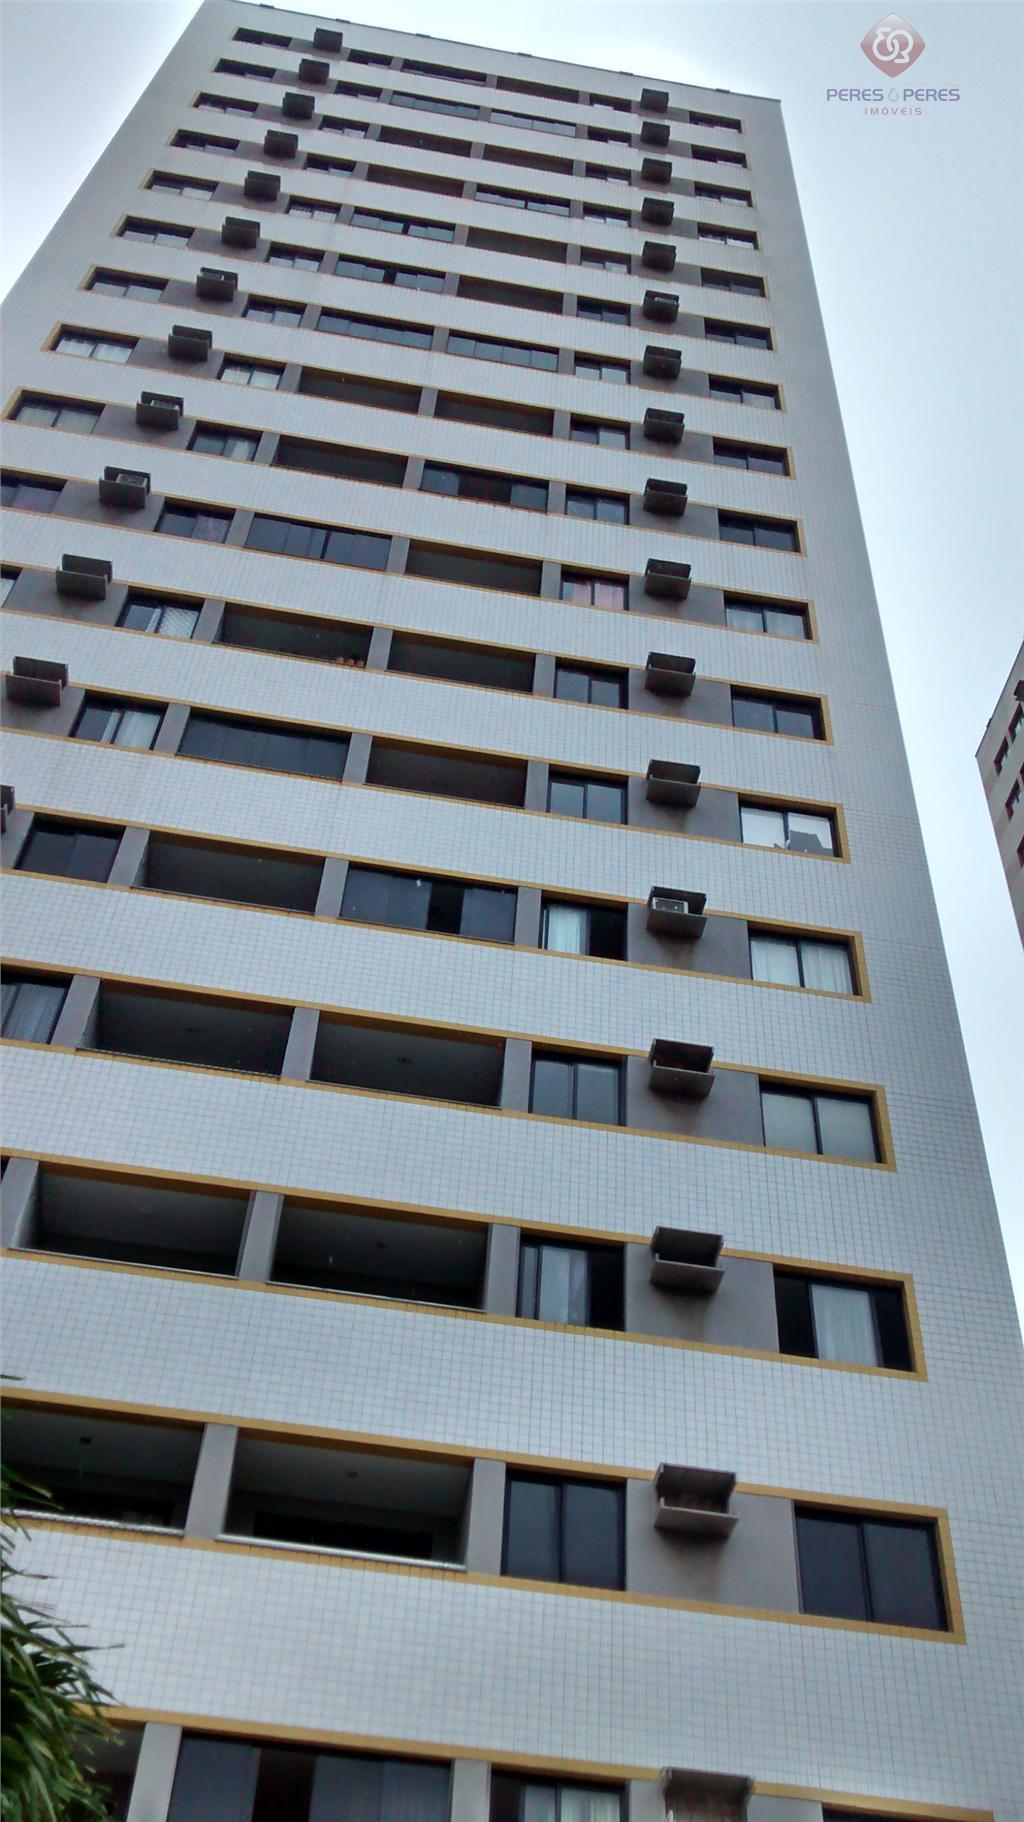 Apartamento com 2 dormitórios para alugar, 58 m² por R$ 1.100/mês - Lagoa Nova - Natal/RN